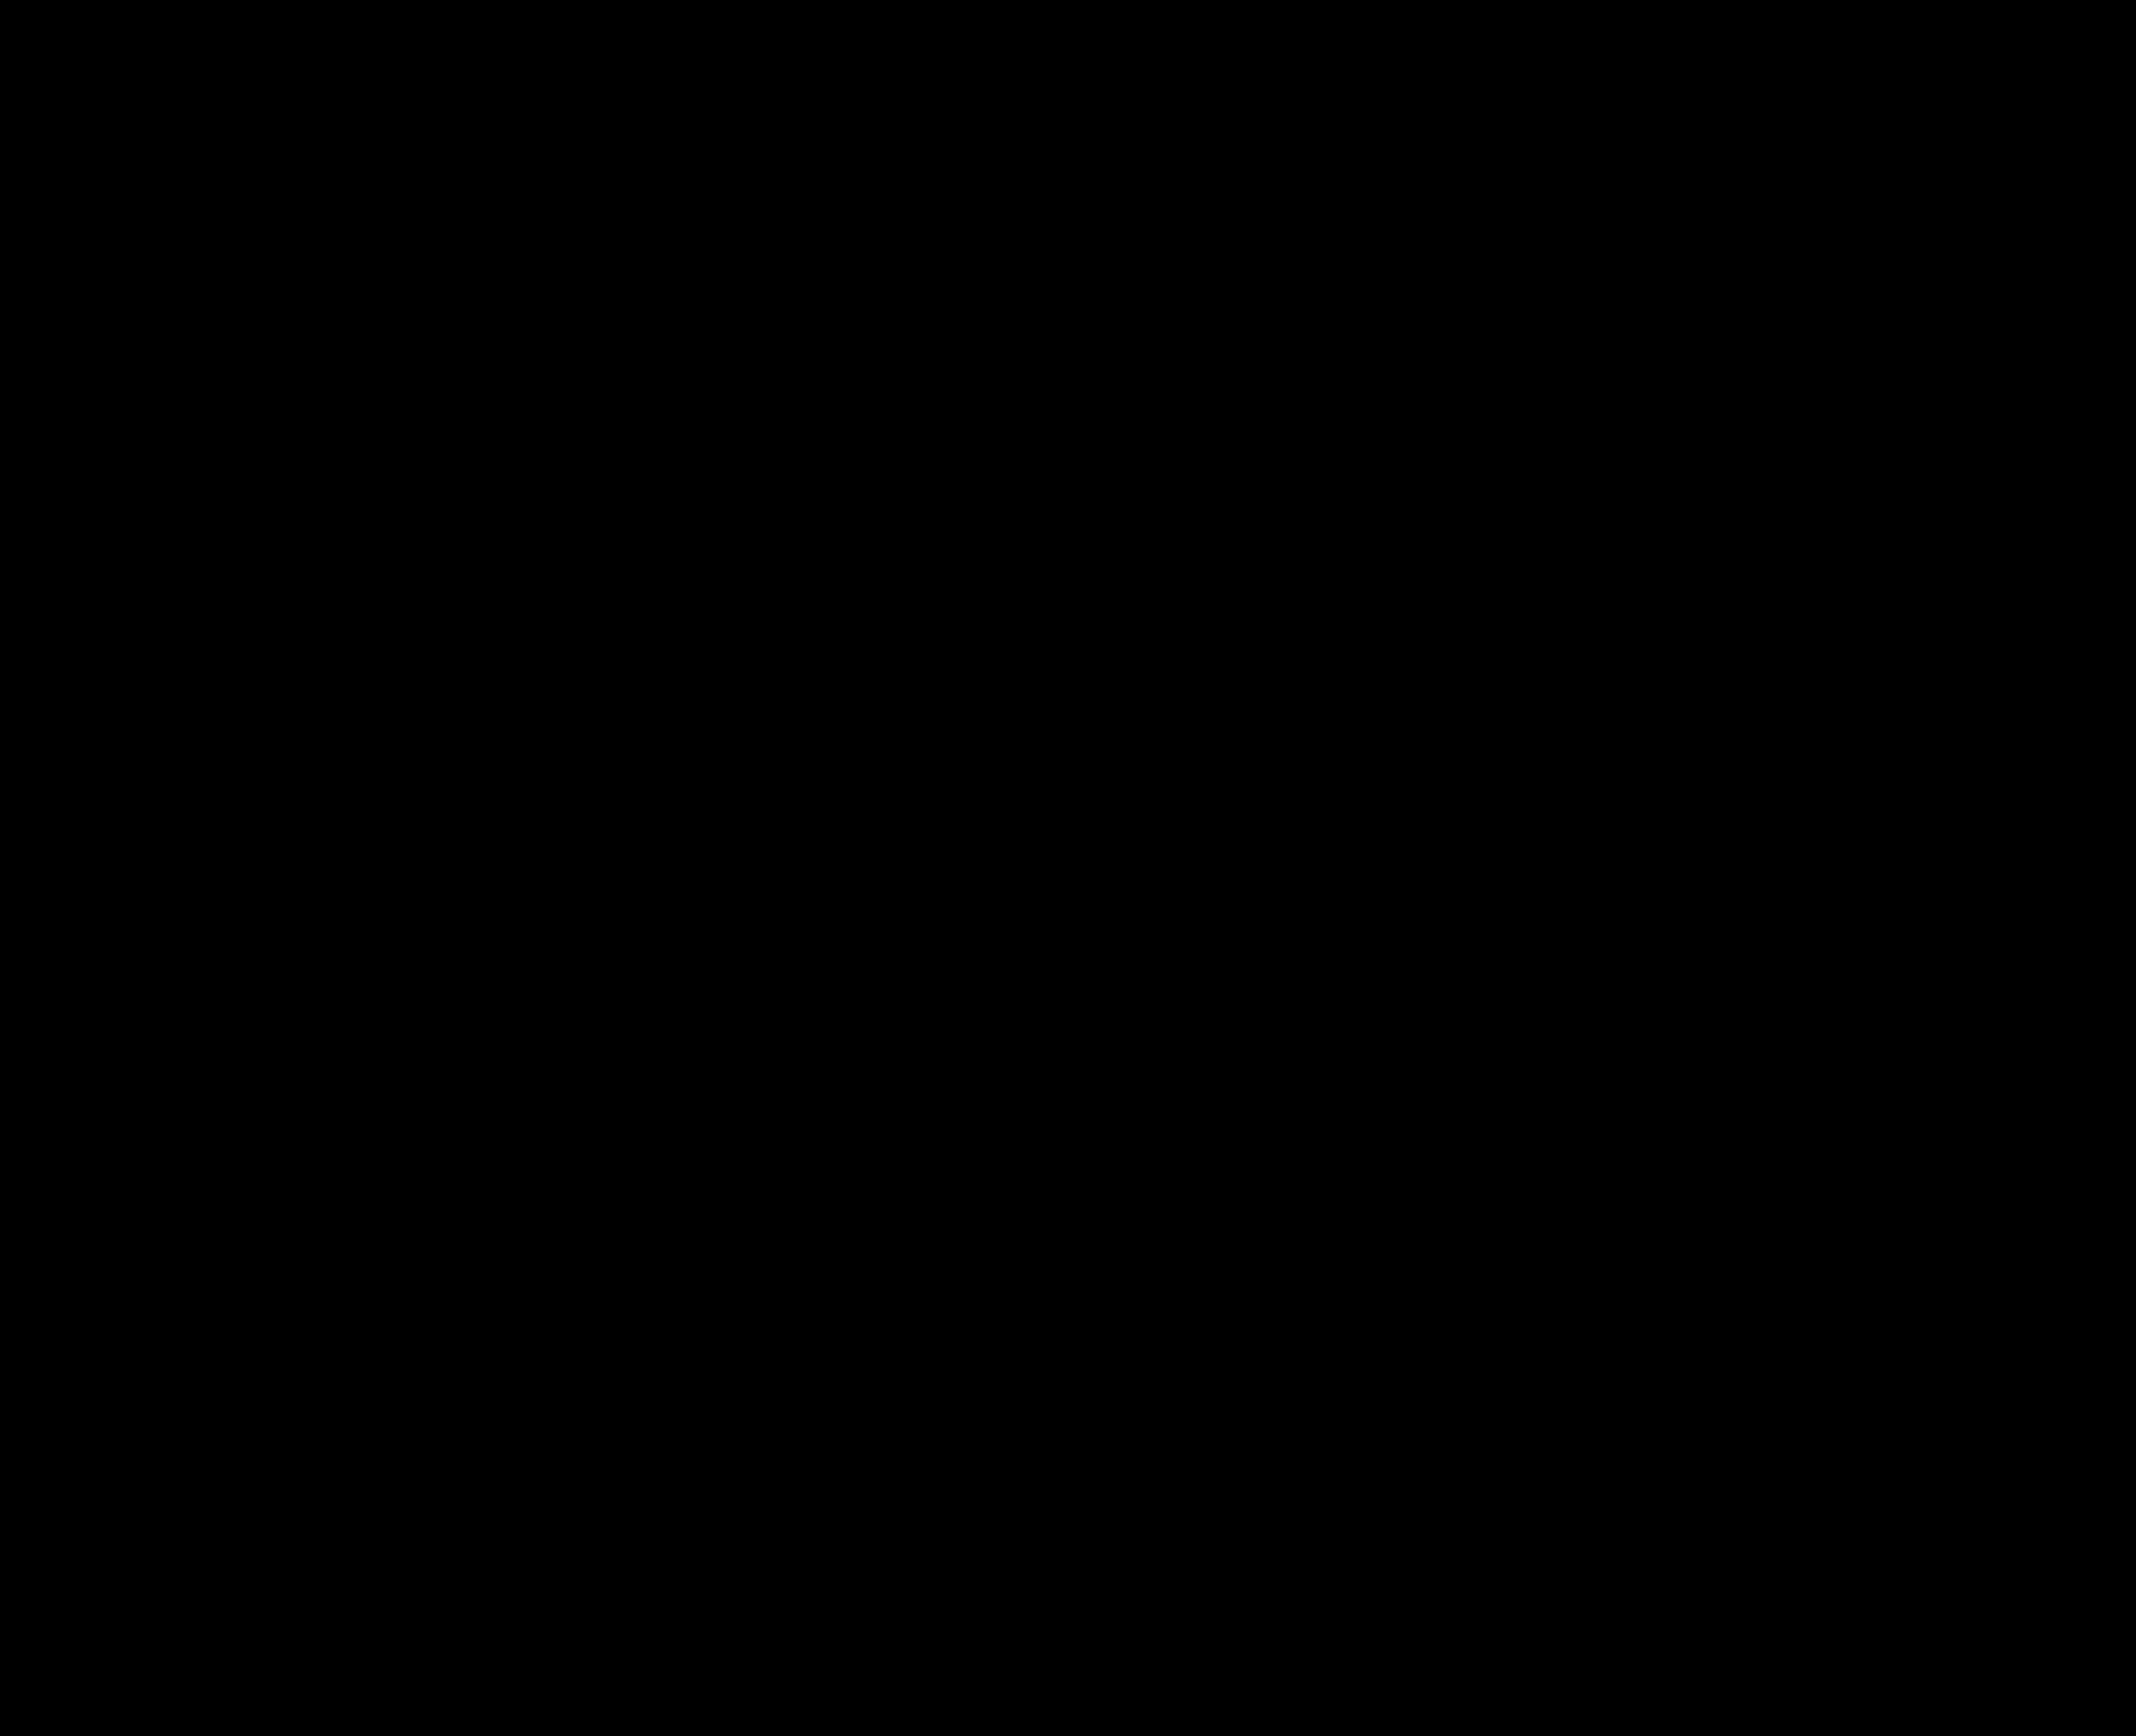 caractéristiques ceinture lombaire Lumbamed Plus E+Motion